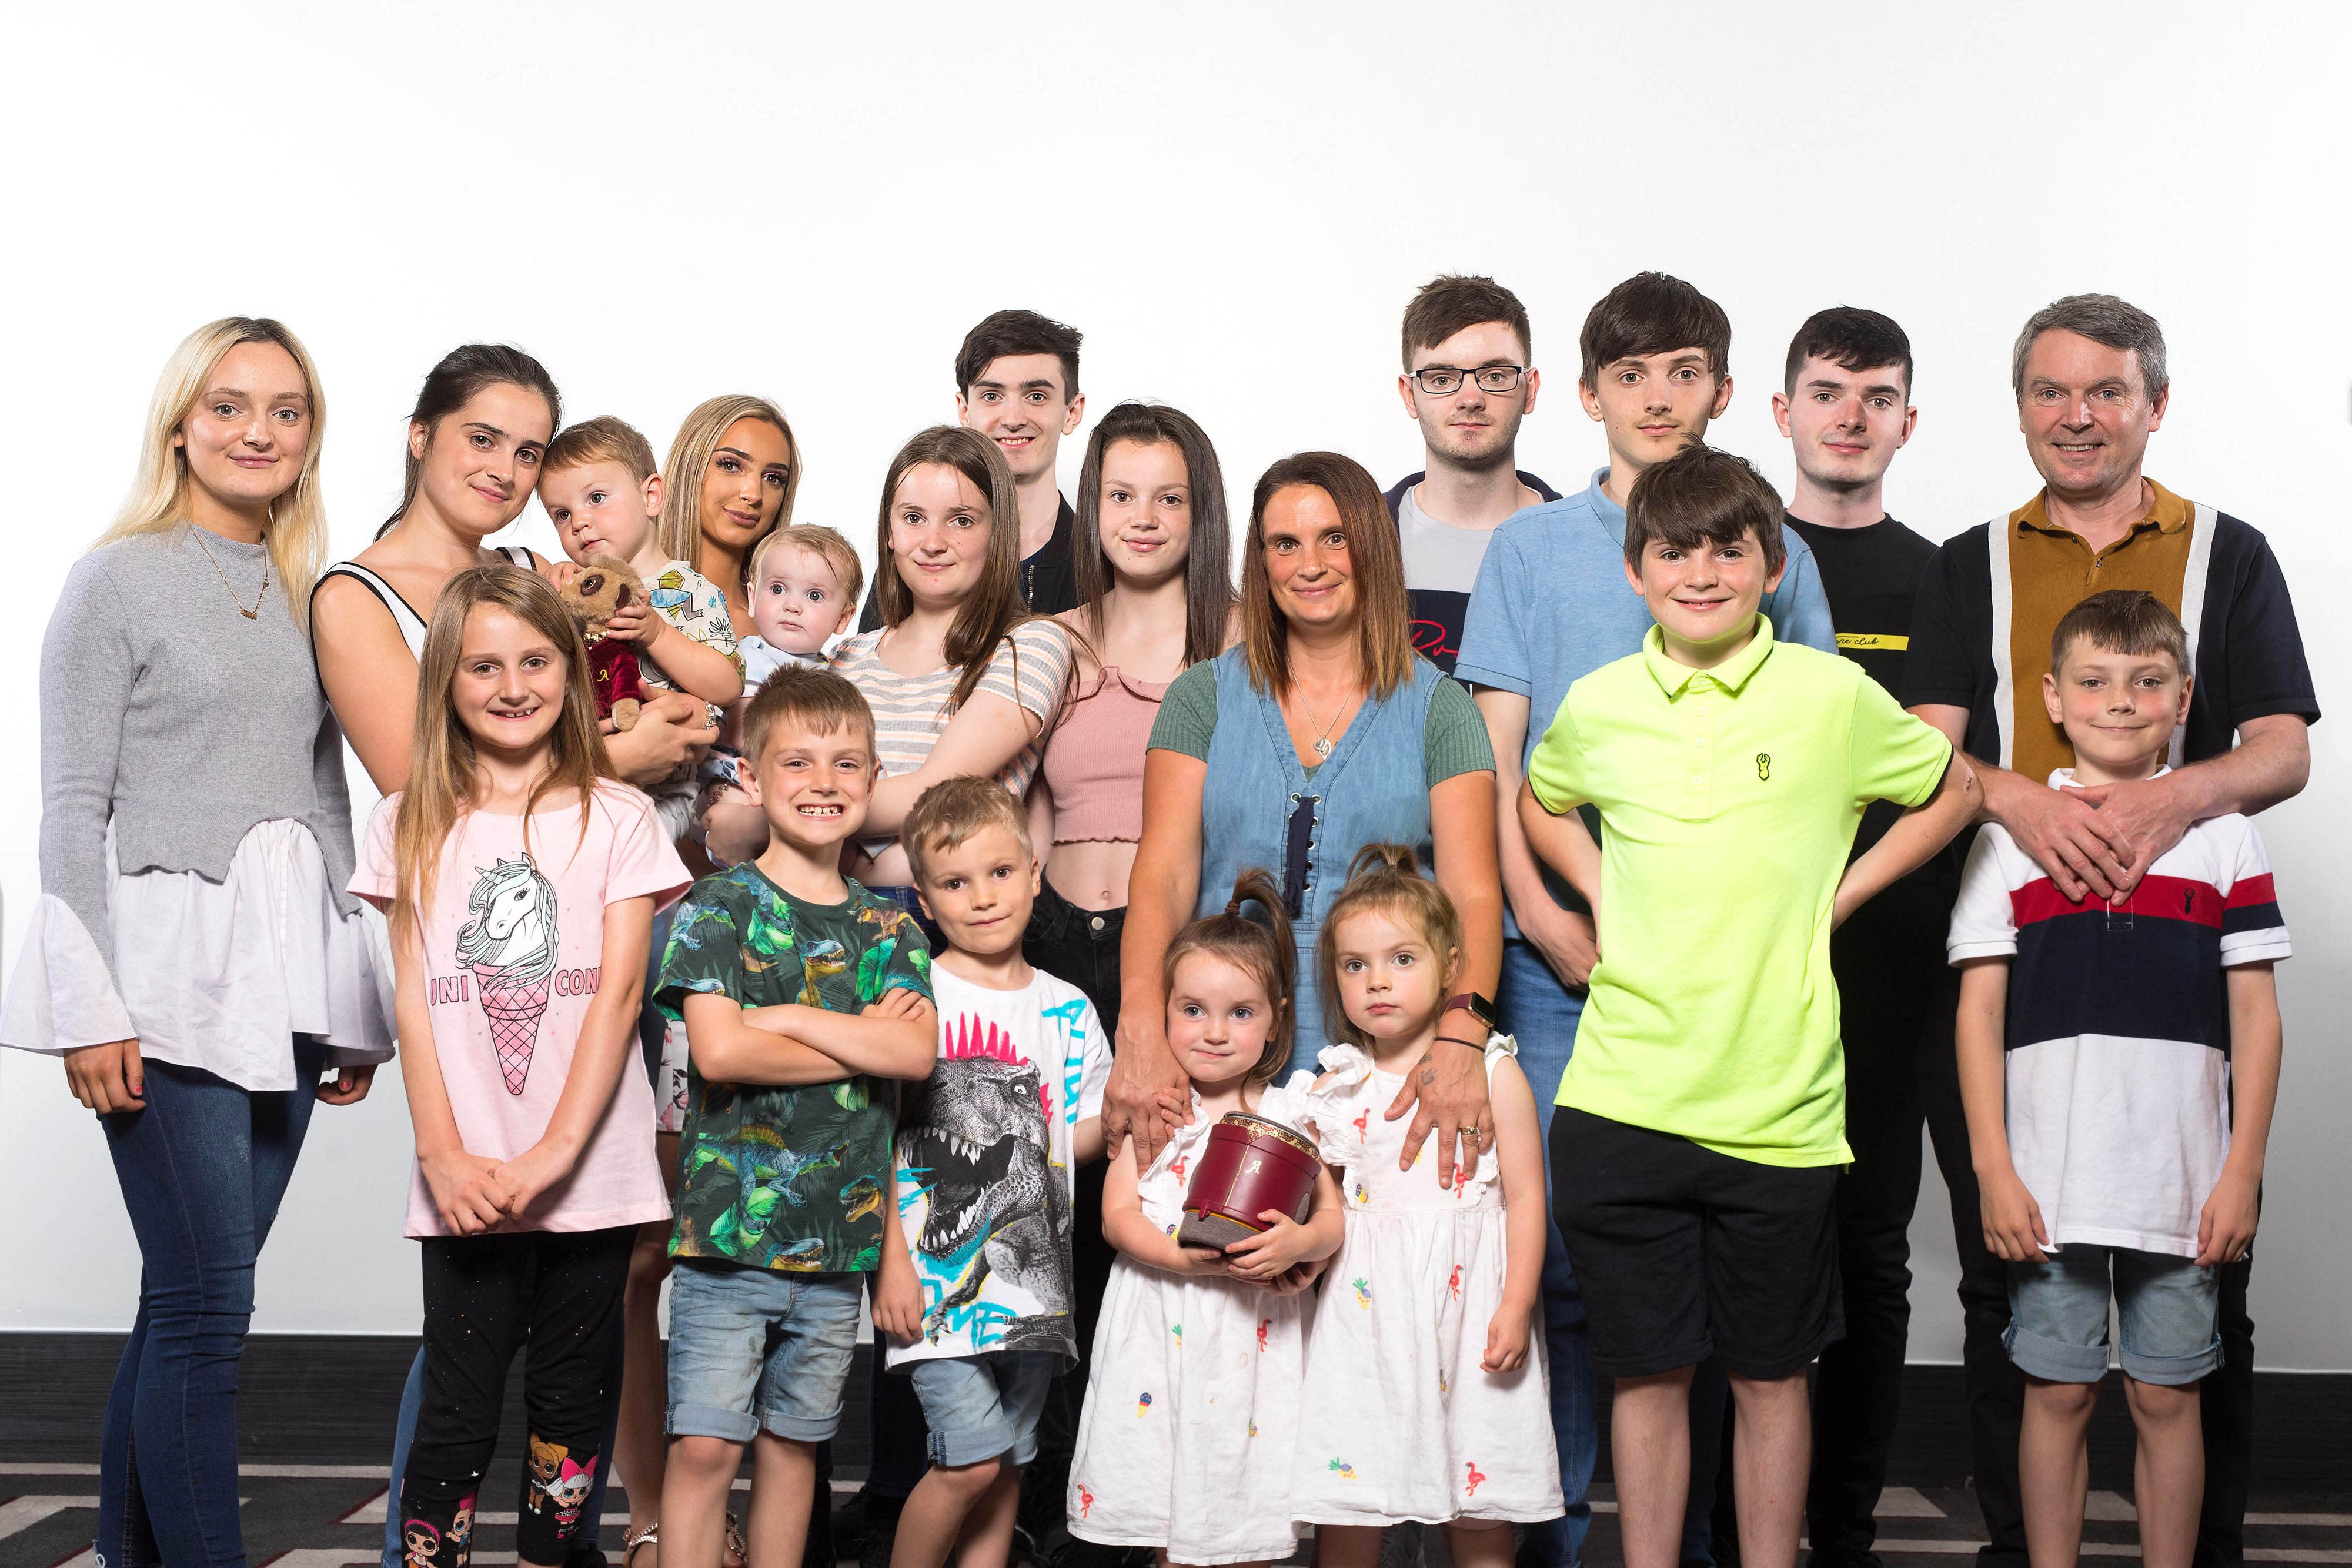 Матвейчук глеб фото семьи фото, картинки